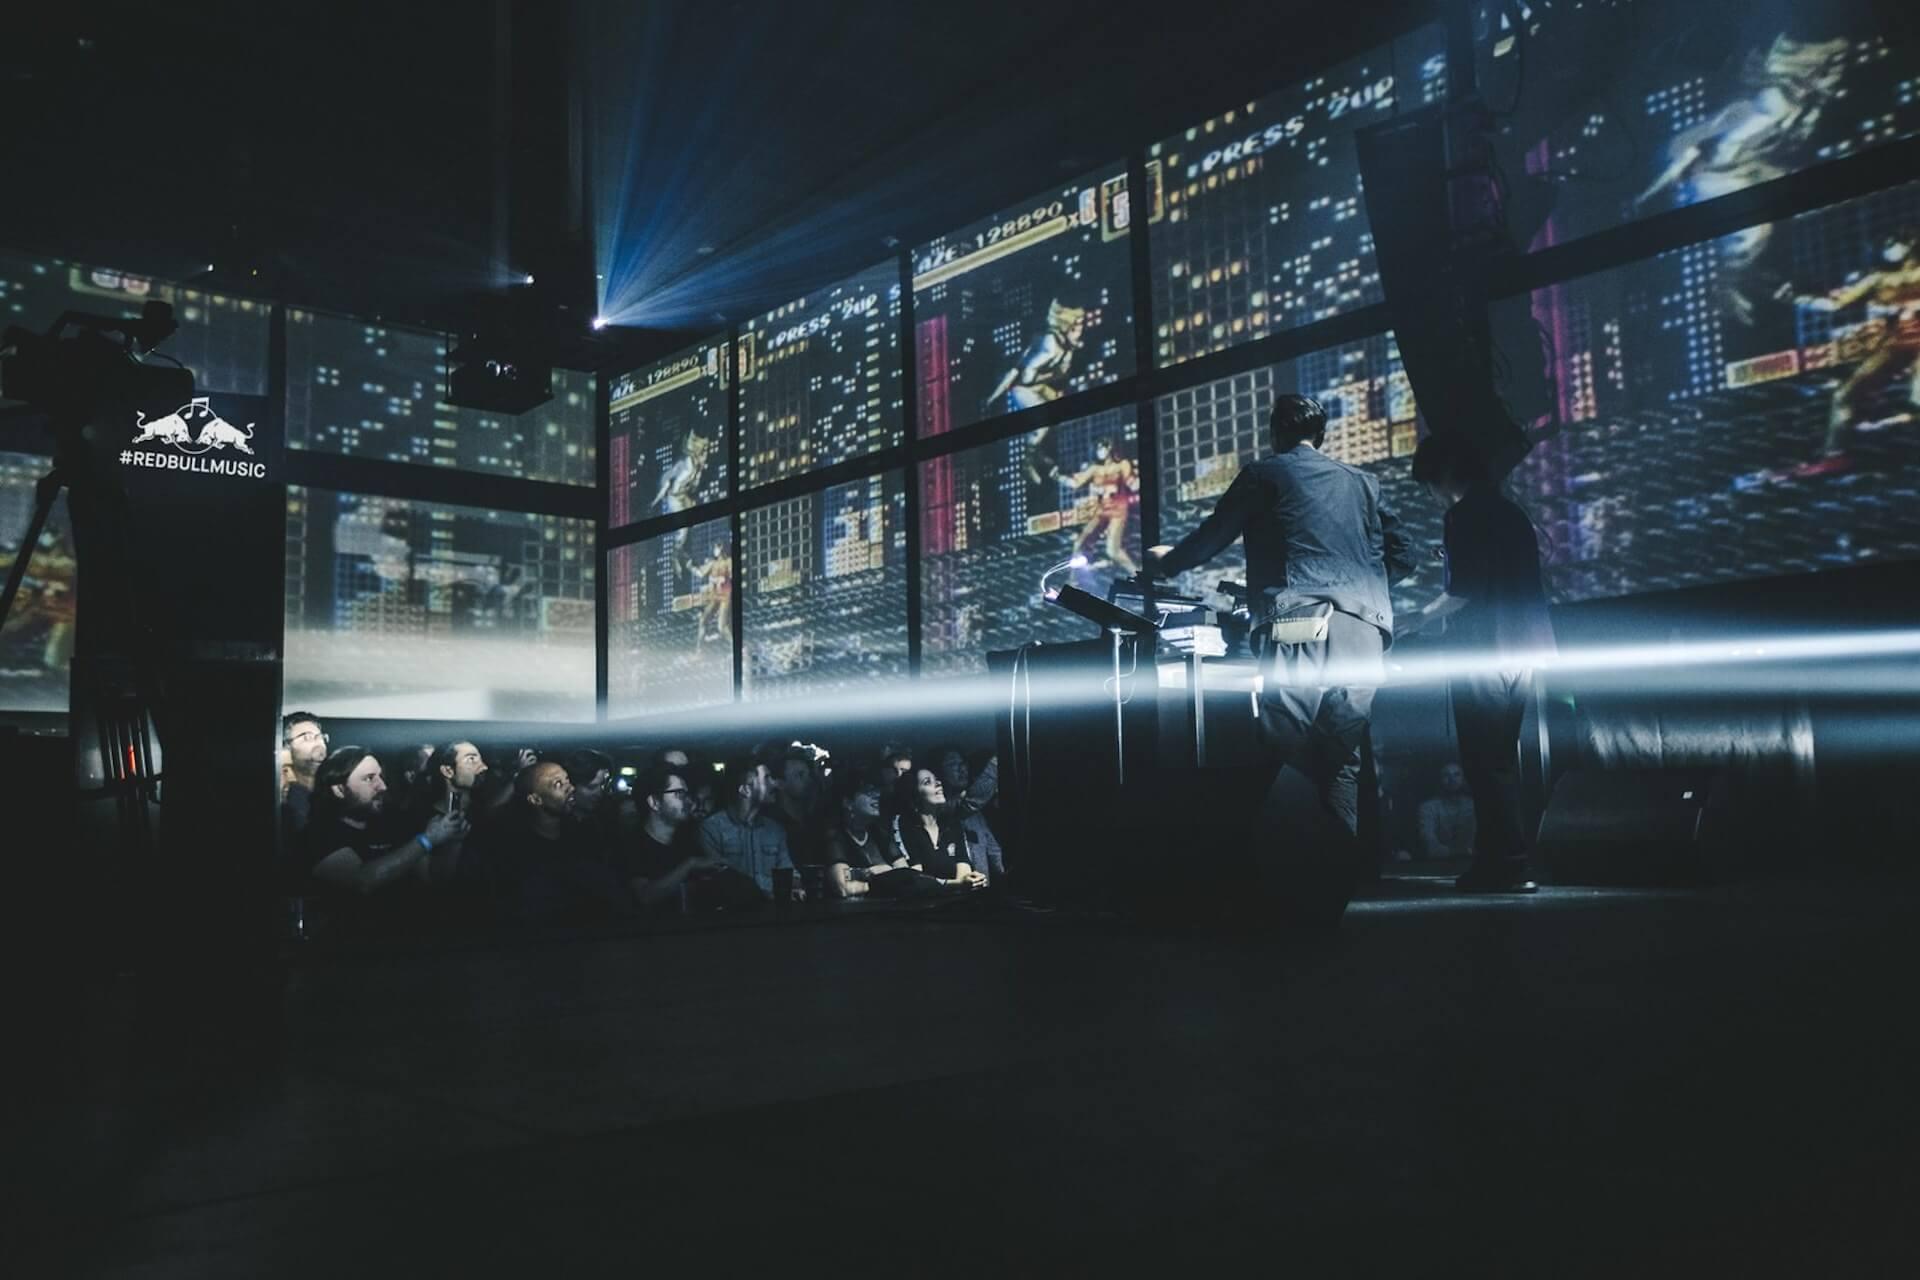 電子音楽&デジタルアートの祭典が渋谷に!<MUTEK.JP>最終フルラインナップ&タイムテーブル発表 art191205_mutek_2